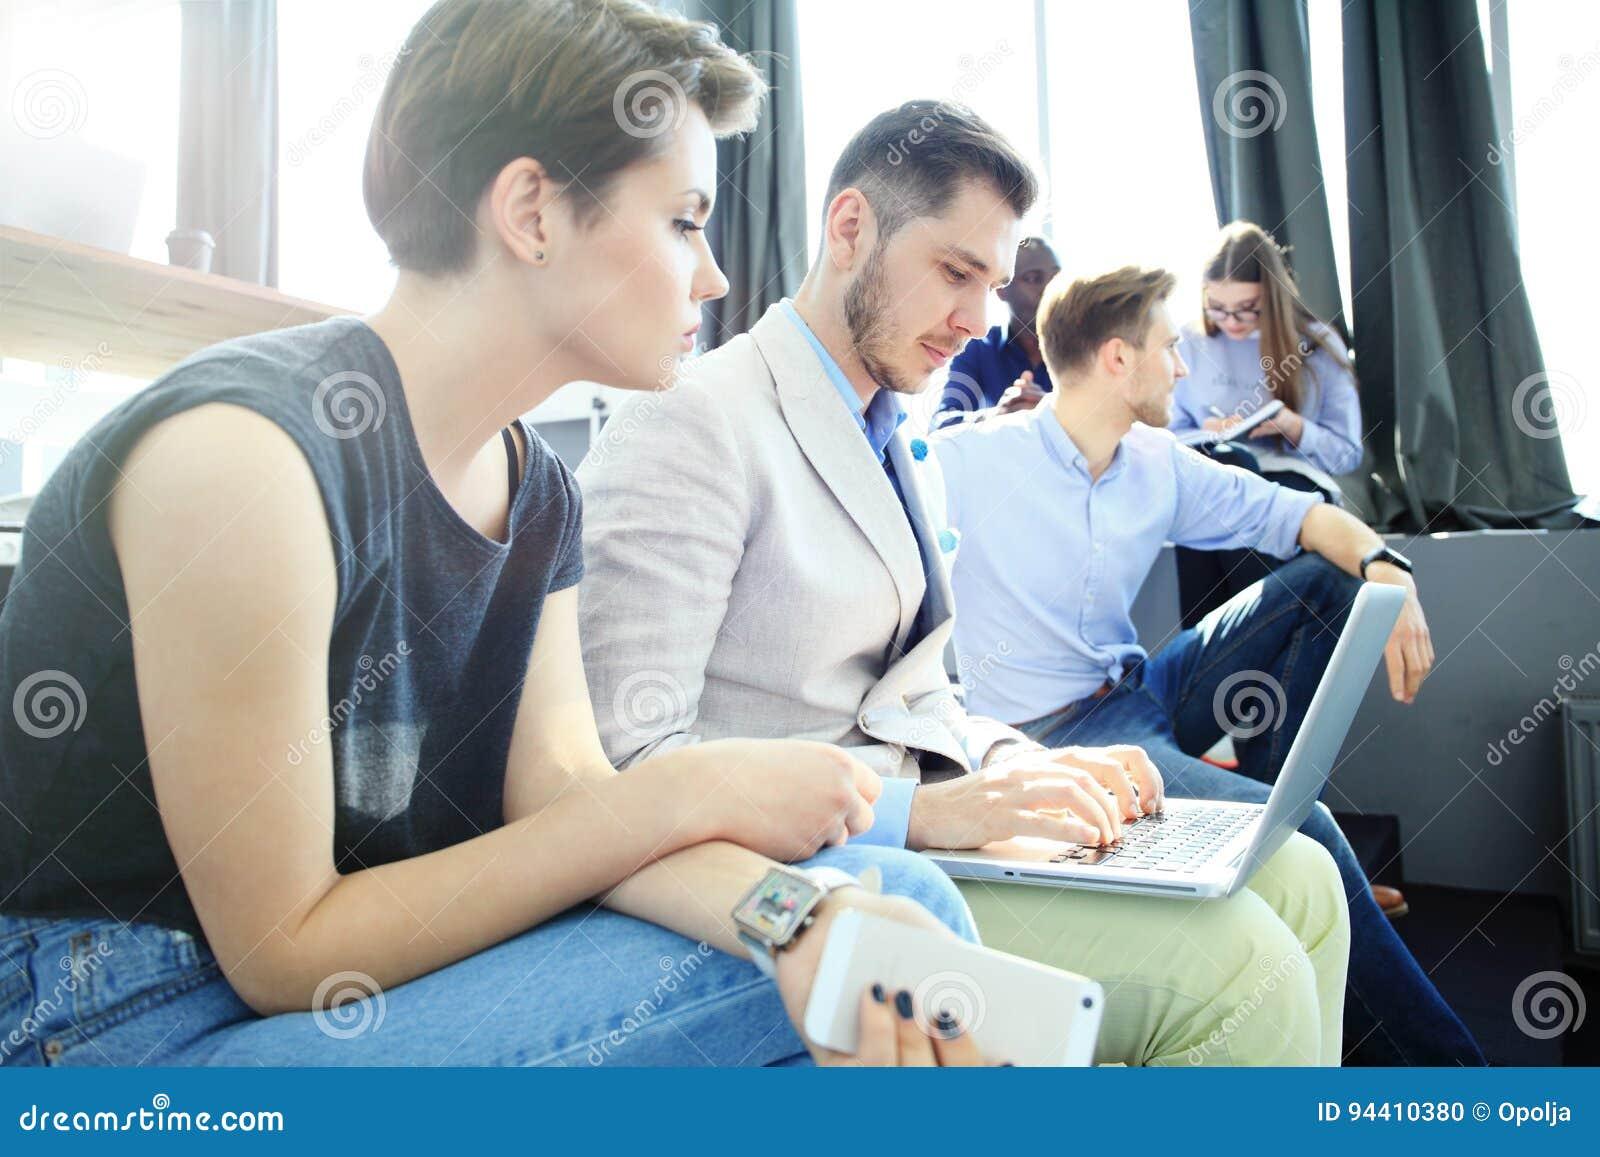 Startup begrepp för möte för mångfaldteamworkidékläckning AffärsTeam Coworkers Analyze Finance Report bärbar dator folk